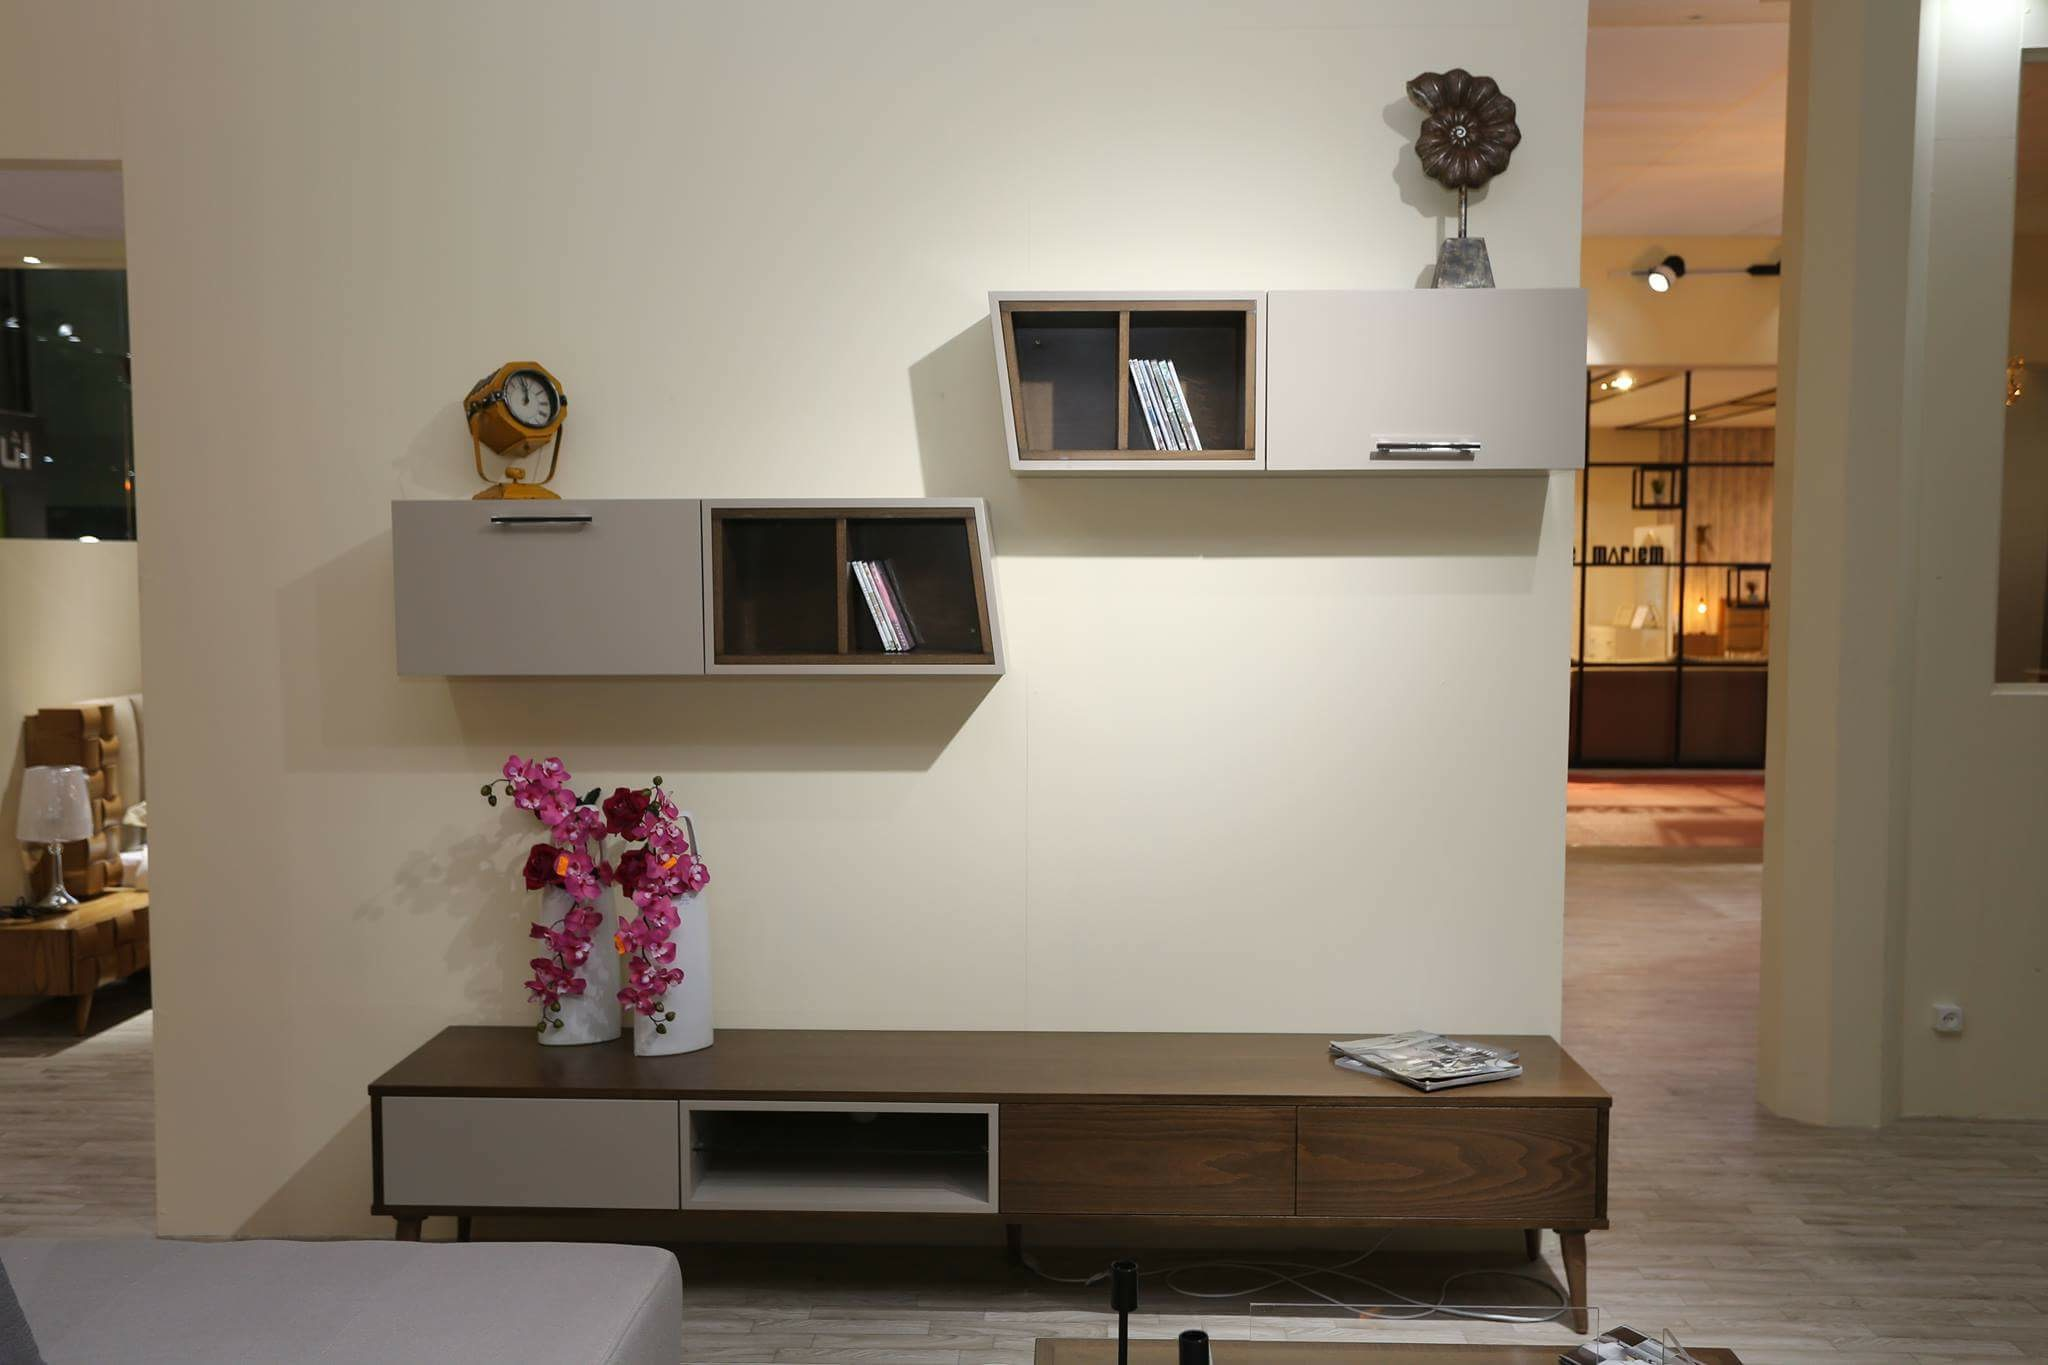 Meuble Tv Pour Coin meuble tv smart - meubles et décoration tunisie